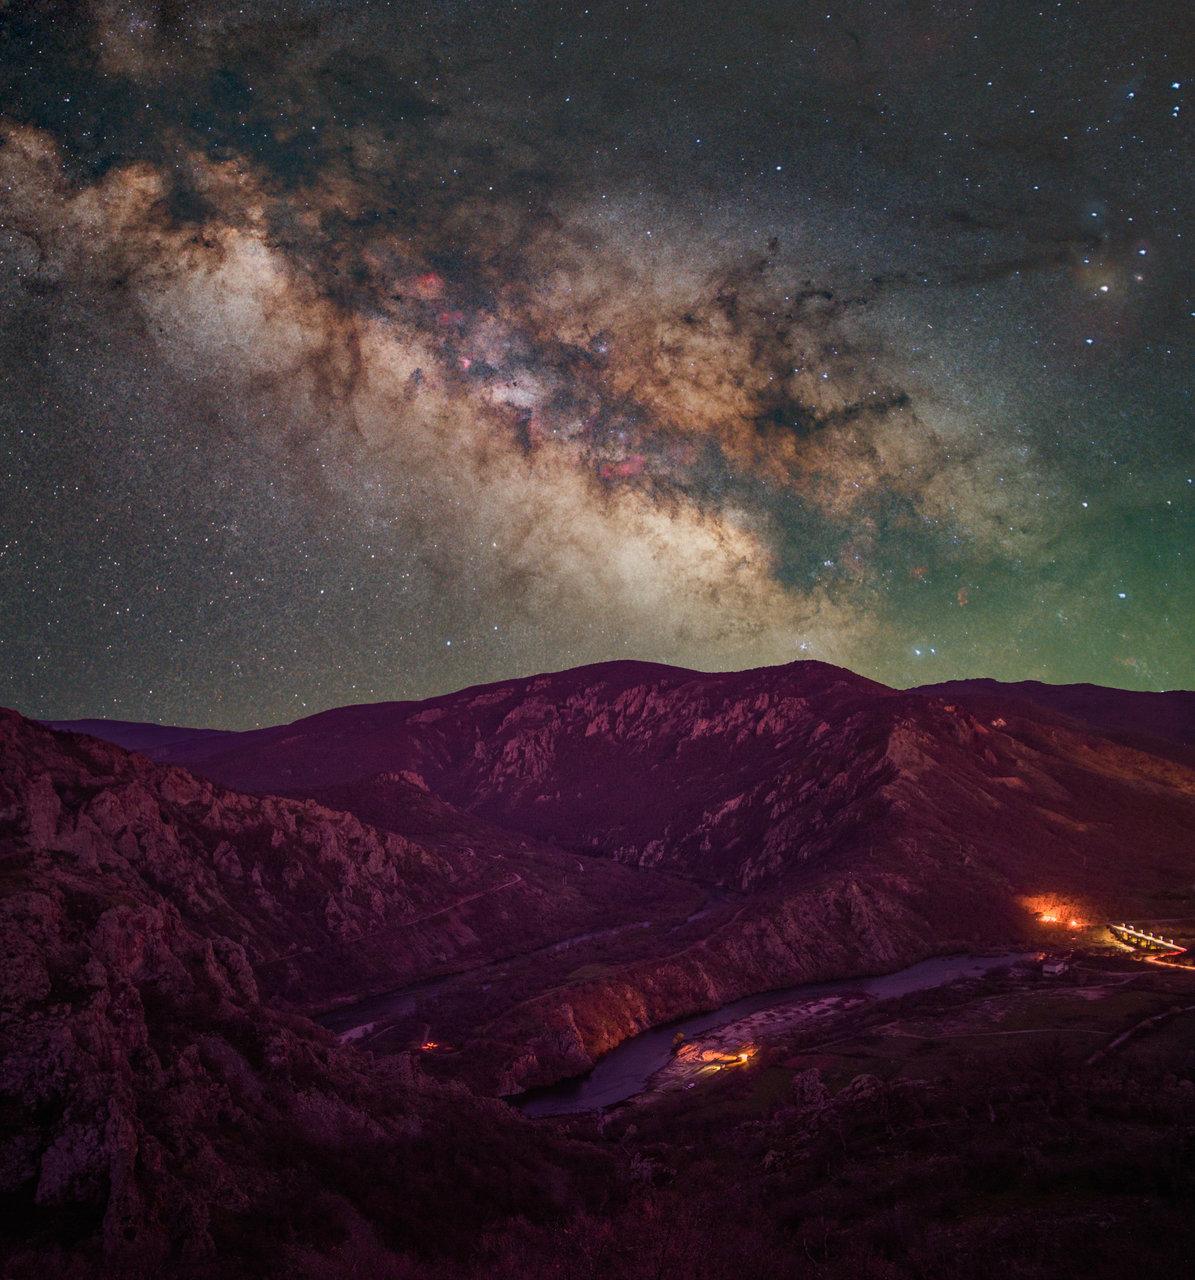 Photo in Astrophotography | Author Петър Шурев - iamanovoice | PHOTO FORUM